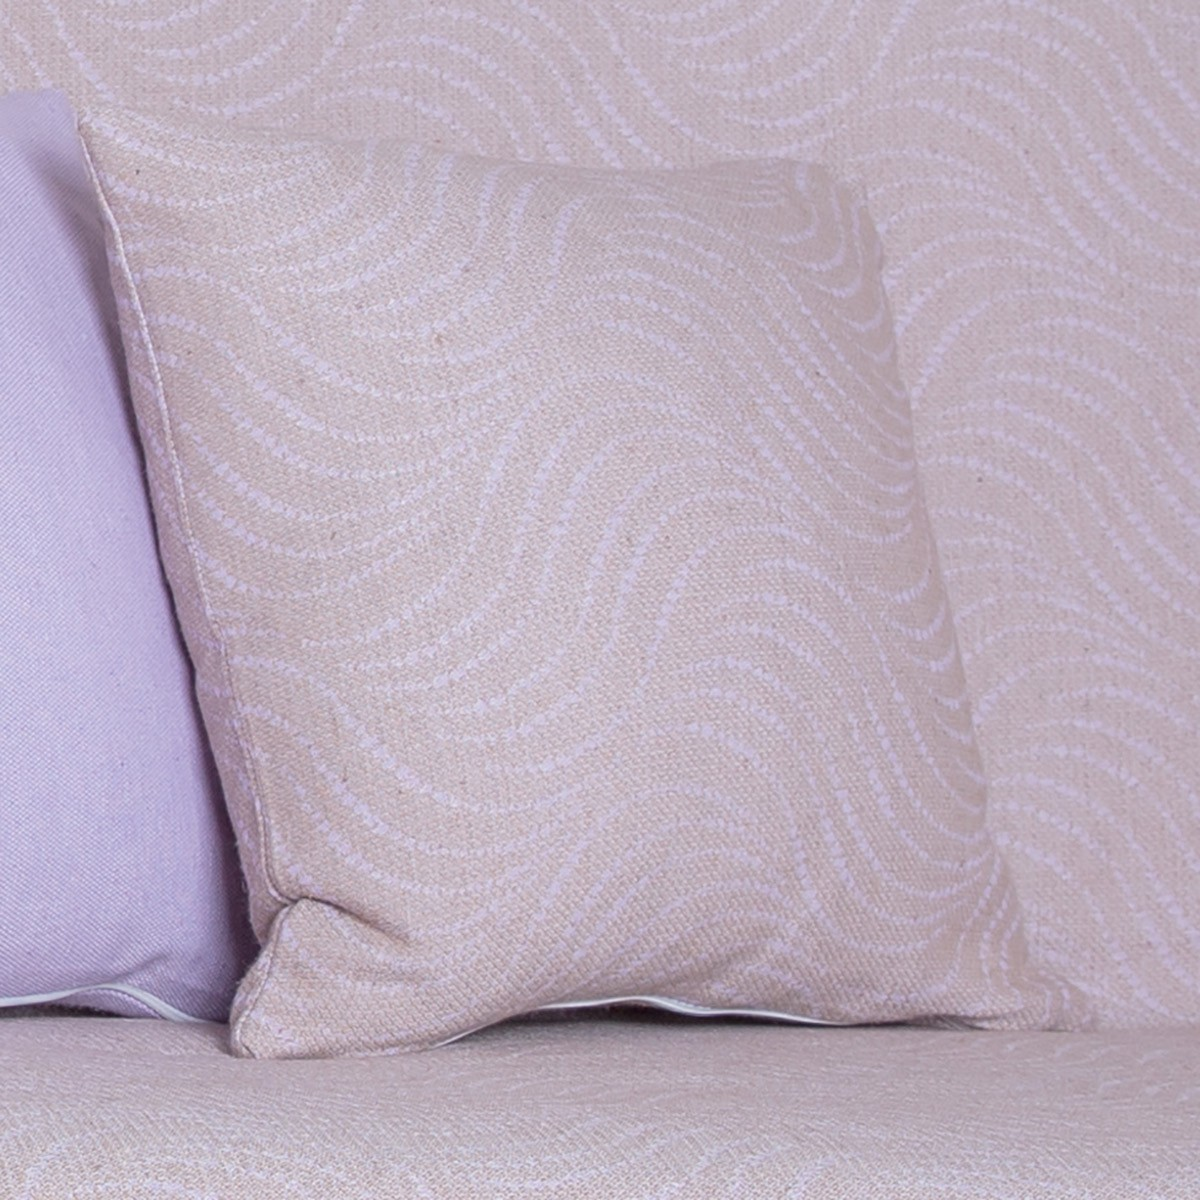 Διακοσμητική Μαξιλαροθήκη Lorenzo Santaniello Waves Lilac